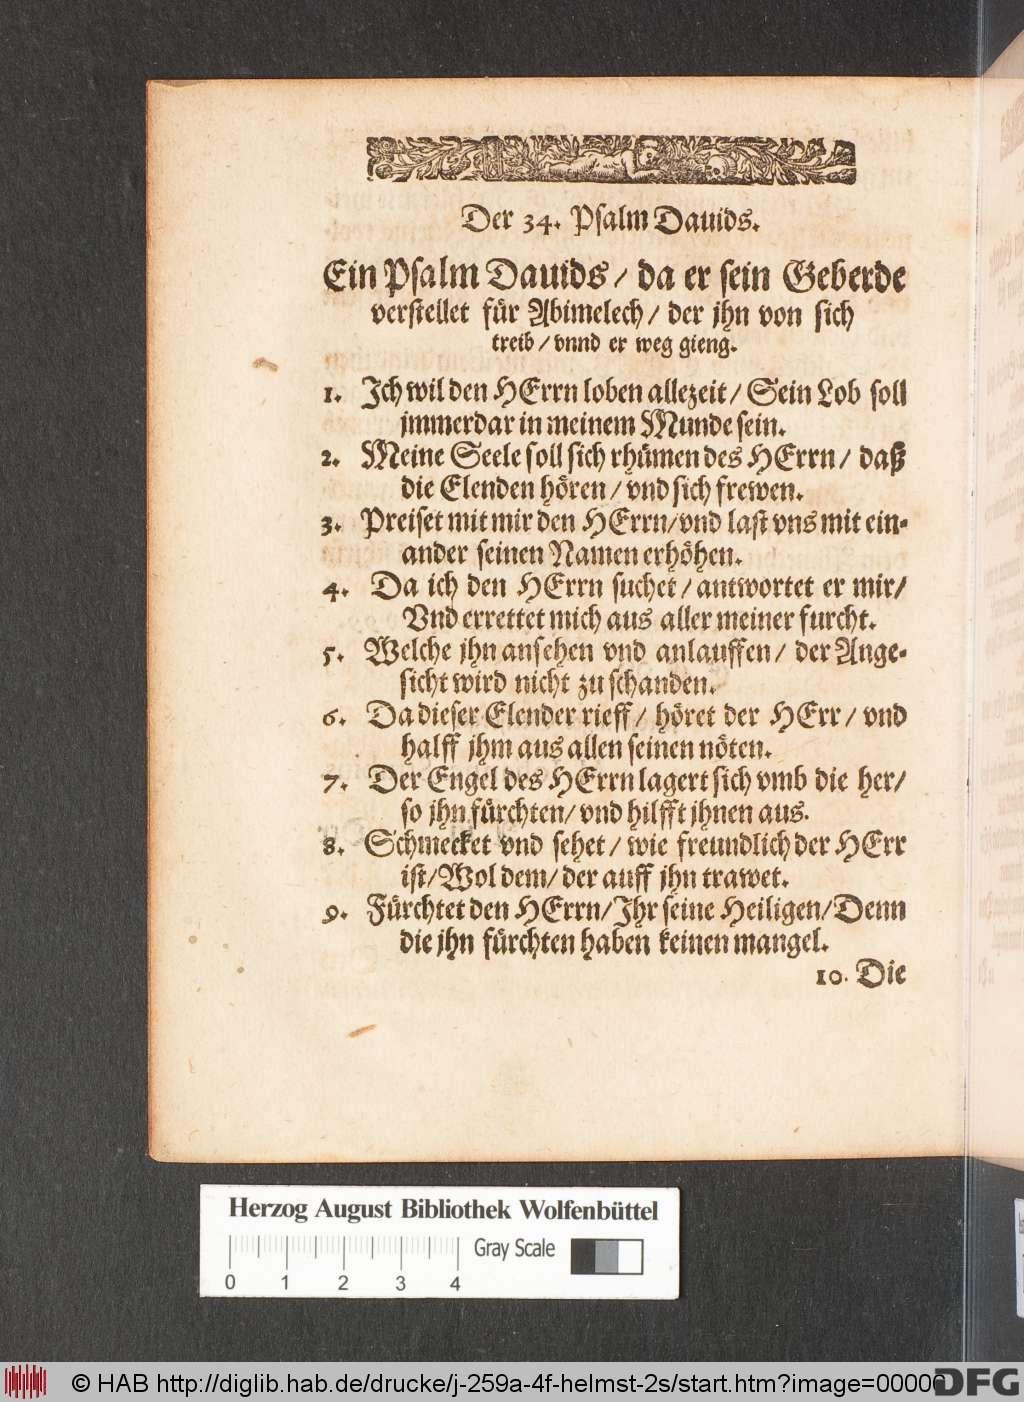 http://diglib.hab.de/drucke/j-259a-4f-helmst-2s/00006.jpg